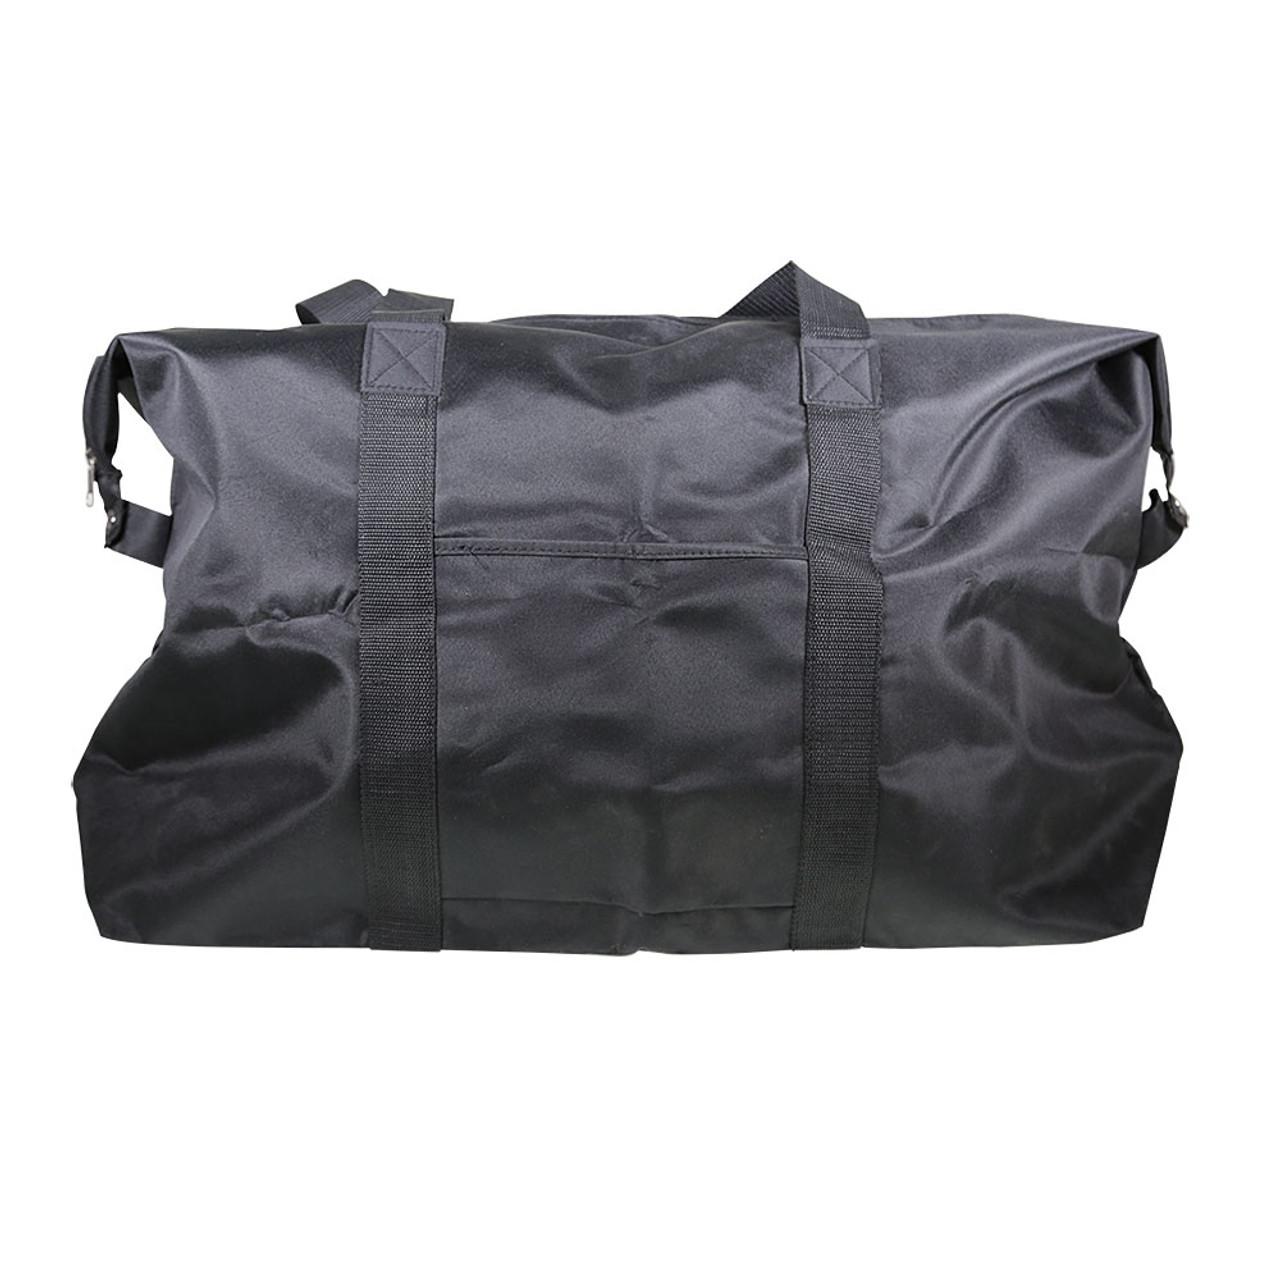 Jumbo Duffle Bag